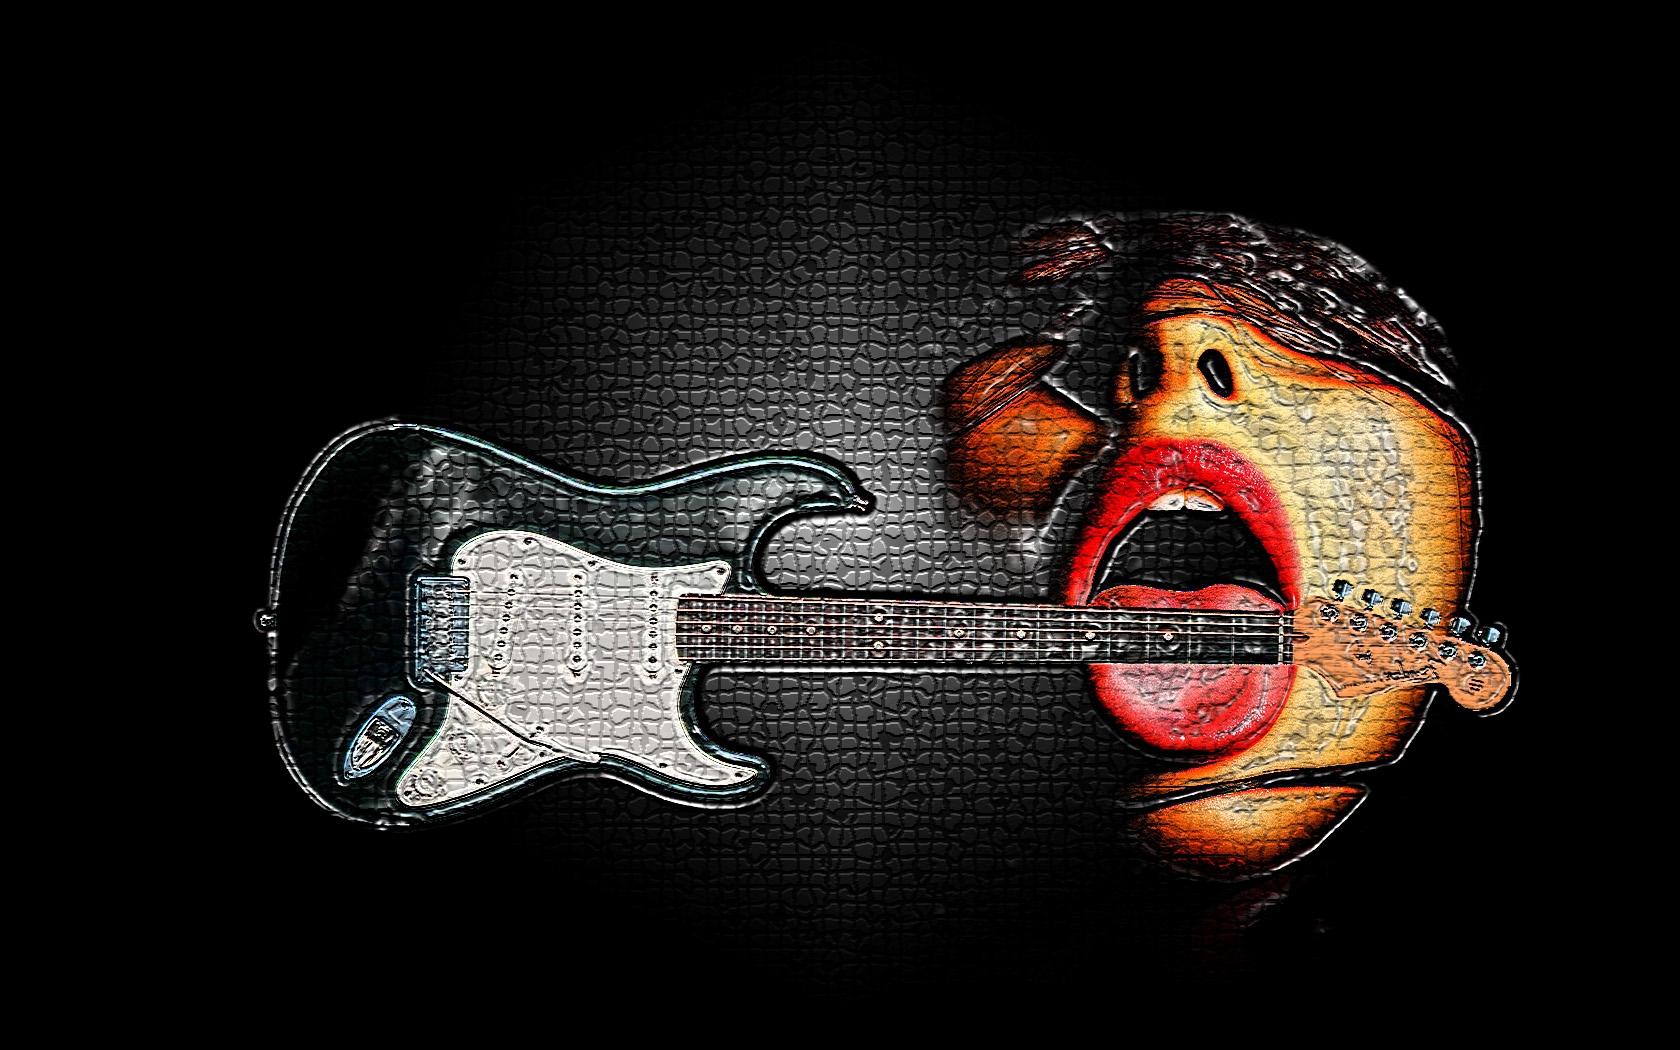 3d Music Hd Widescreen Desktop Wallpaper Hd Wallpapers 1680x1050